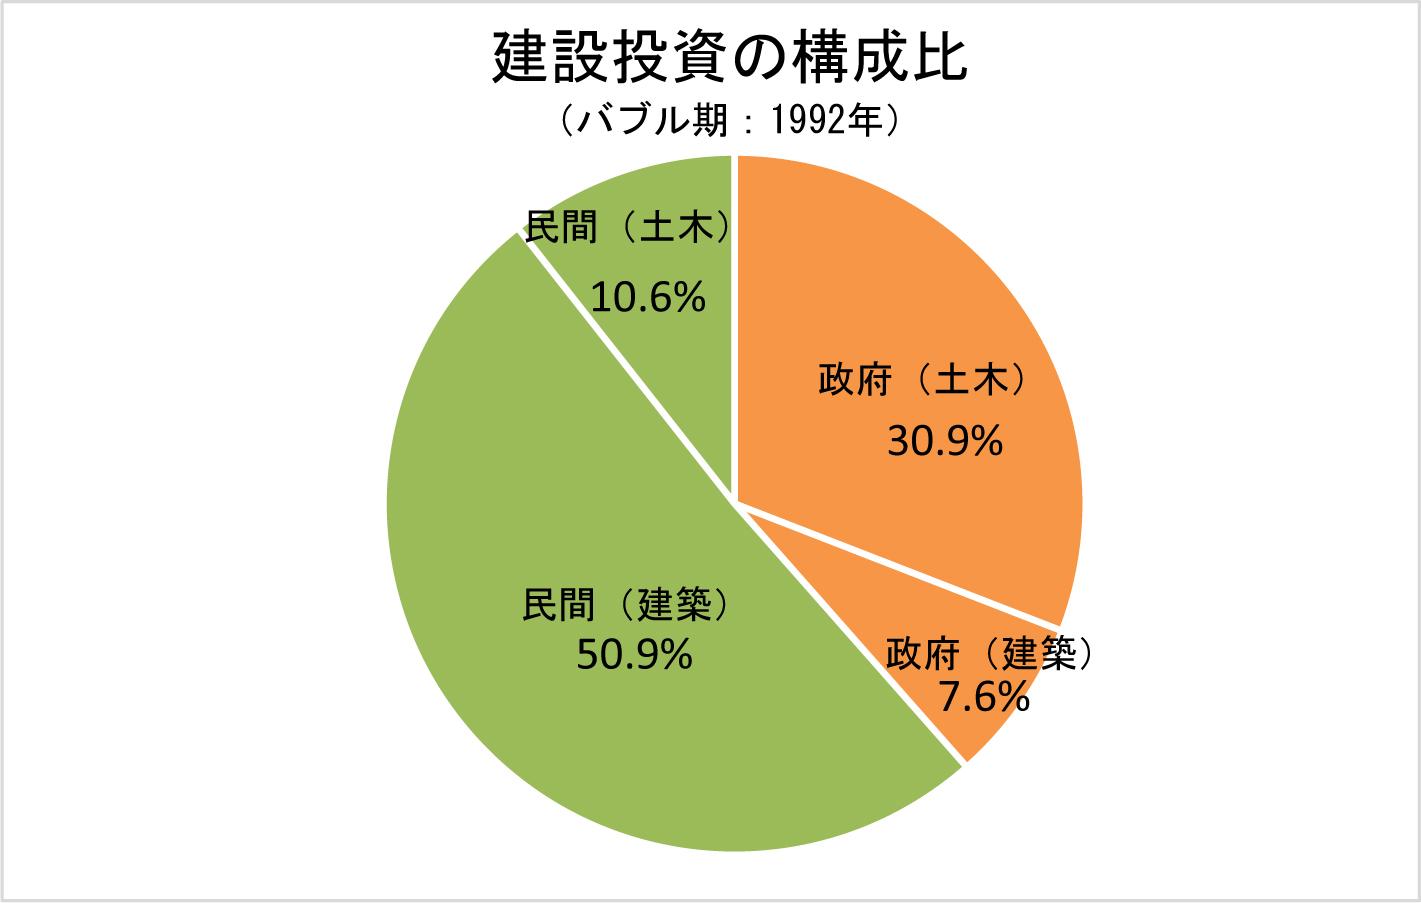 2-8 建設投資の構成比(バブル期:1992年度)